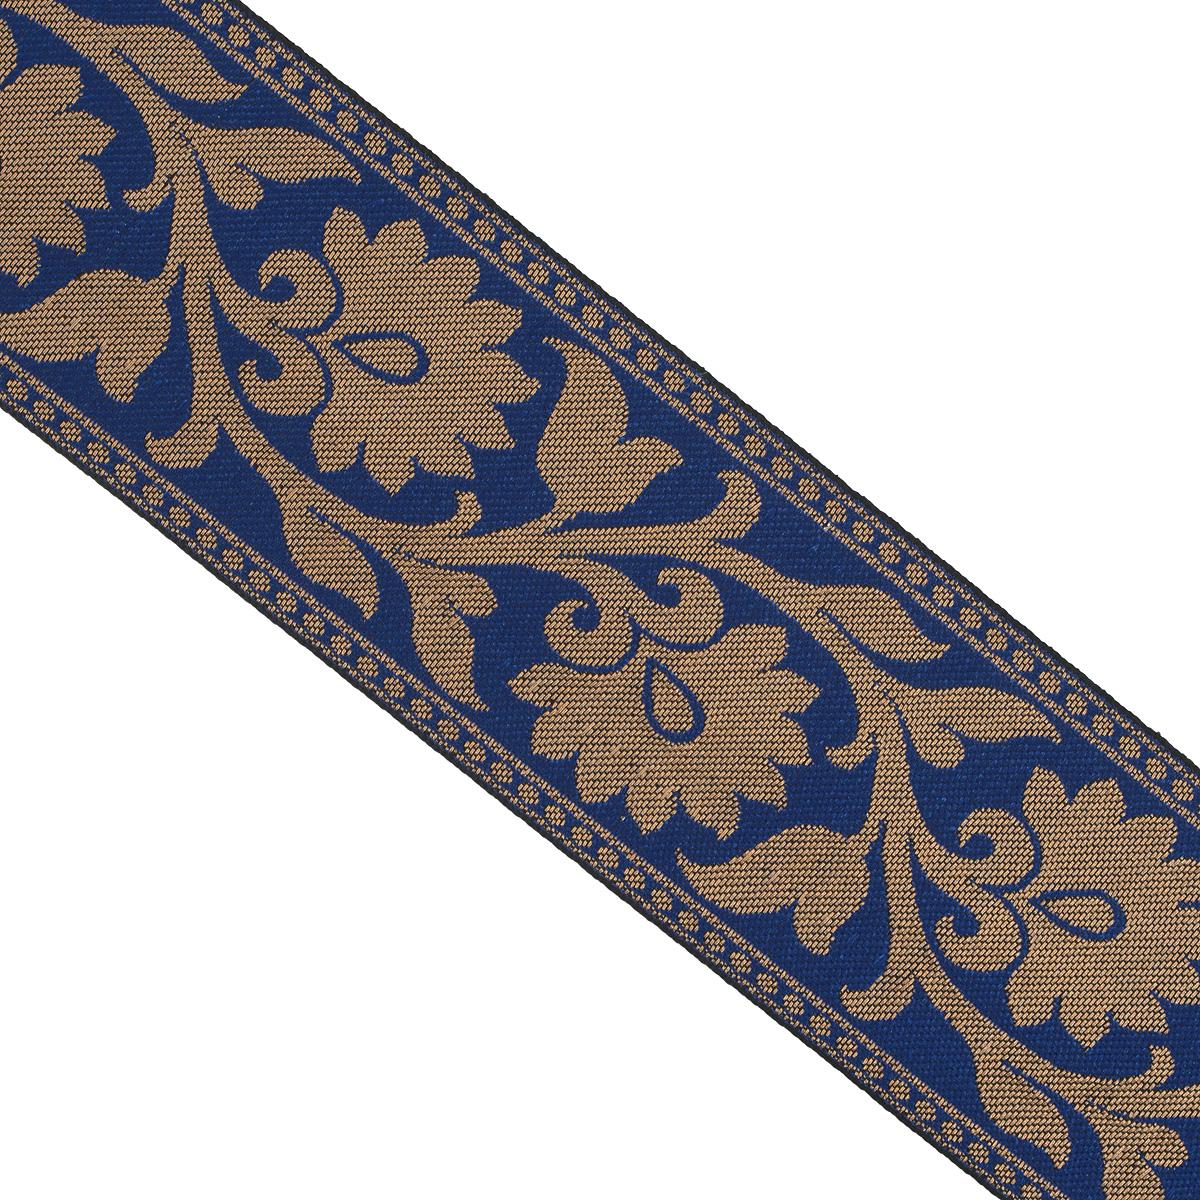 Тесьма декоративная Астра, цвет: синий, ширина 6 см, длина 9 м. 77034607703460_т.золото/53Декоративная тесьма Астра выполнена из текстиля и оформлена оригинальным жаккардовым орнаментом. Такая тесьма идеально подойдет для оформления различных творческих работ таких, как скрапбукинг, аппликация, декор коробок и открыток и многое другое. Тесьма наивысшего качества и практична в использовании. Она станет незаменимым элементом в создании рукотворного шедевра. Ширина: 6 см. Длина: 9 м.